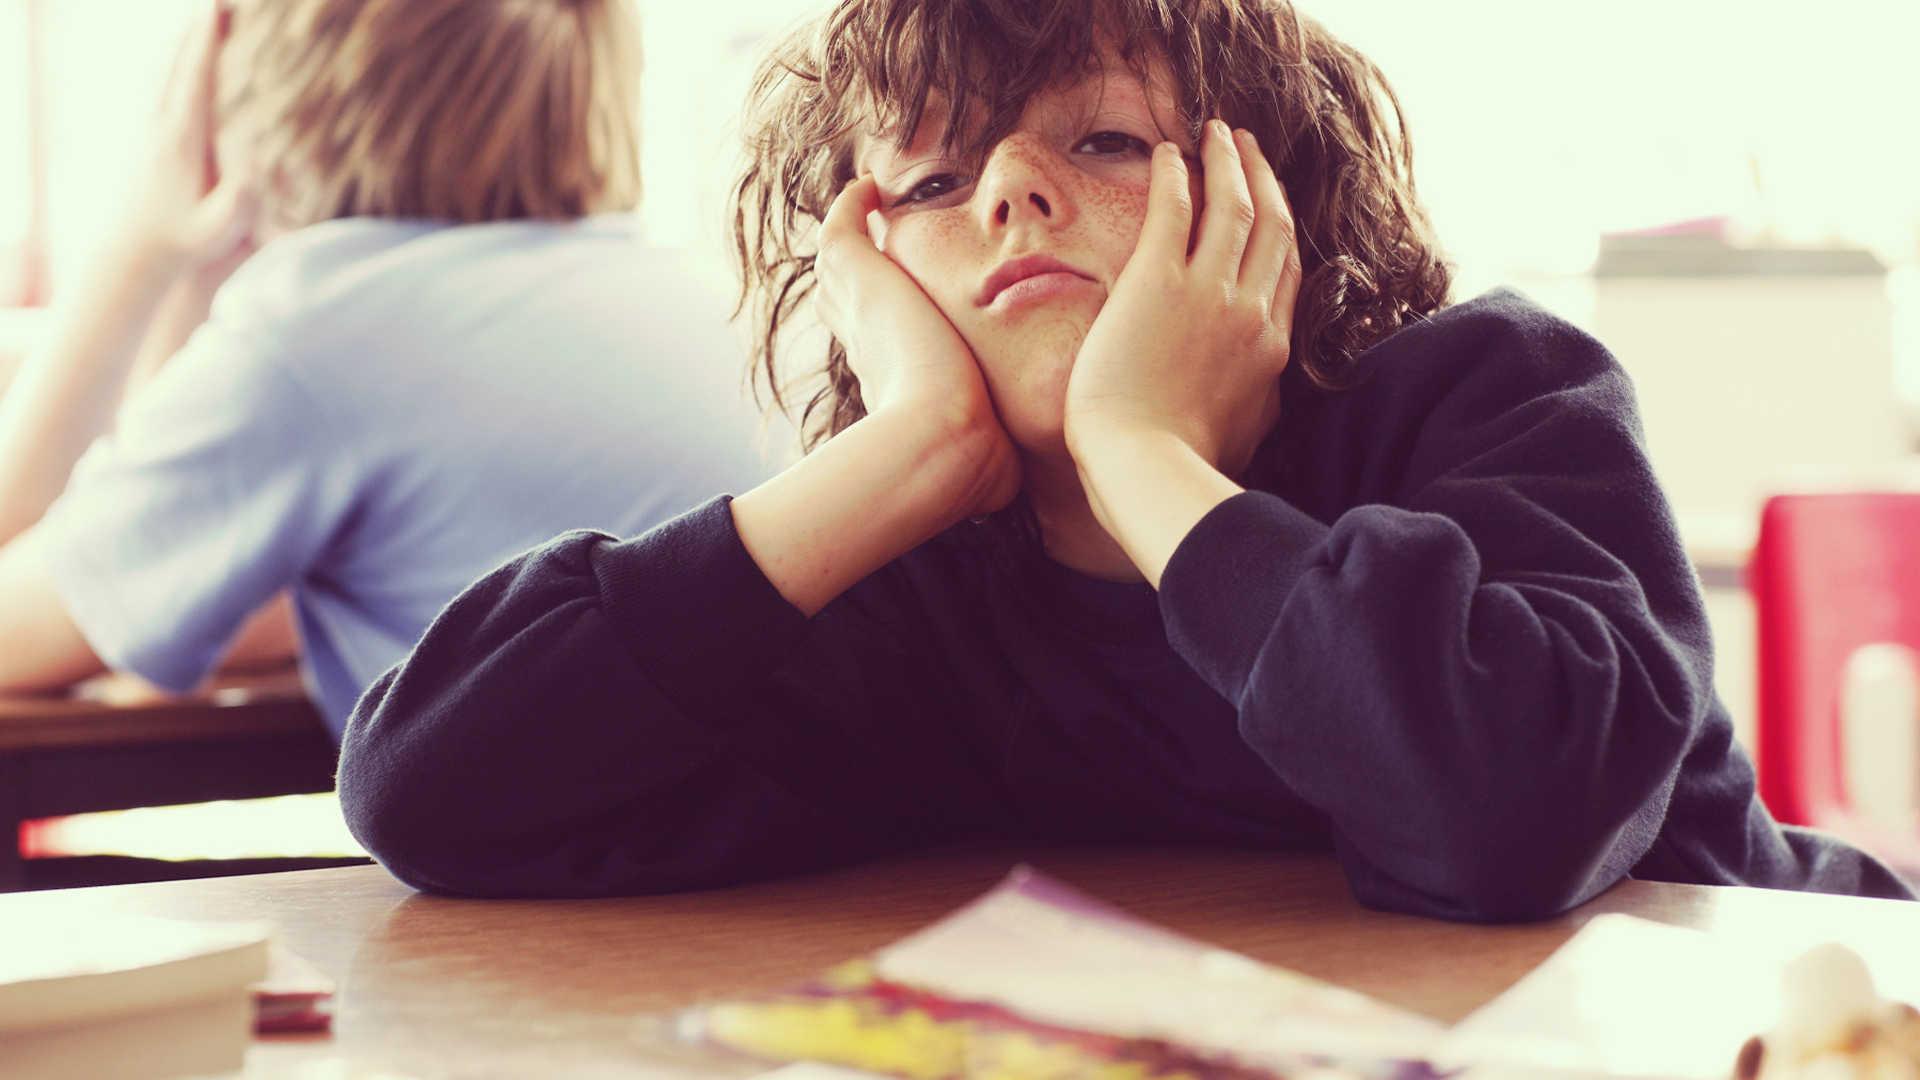 Выпоротые поколения: как и зачем наказывали детей